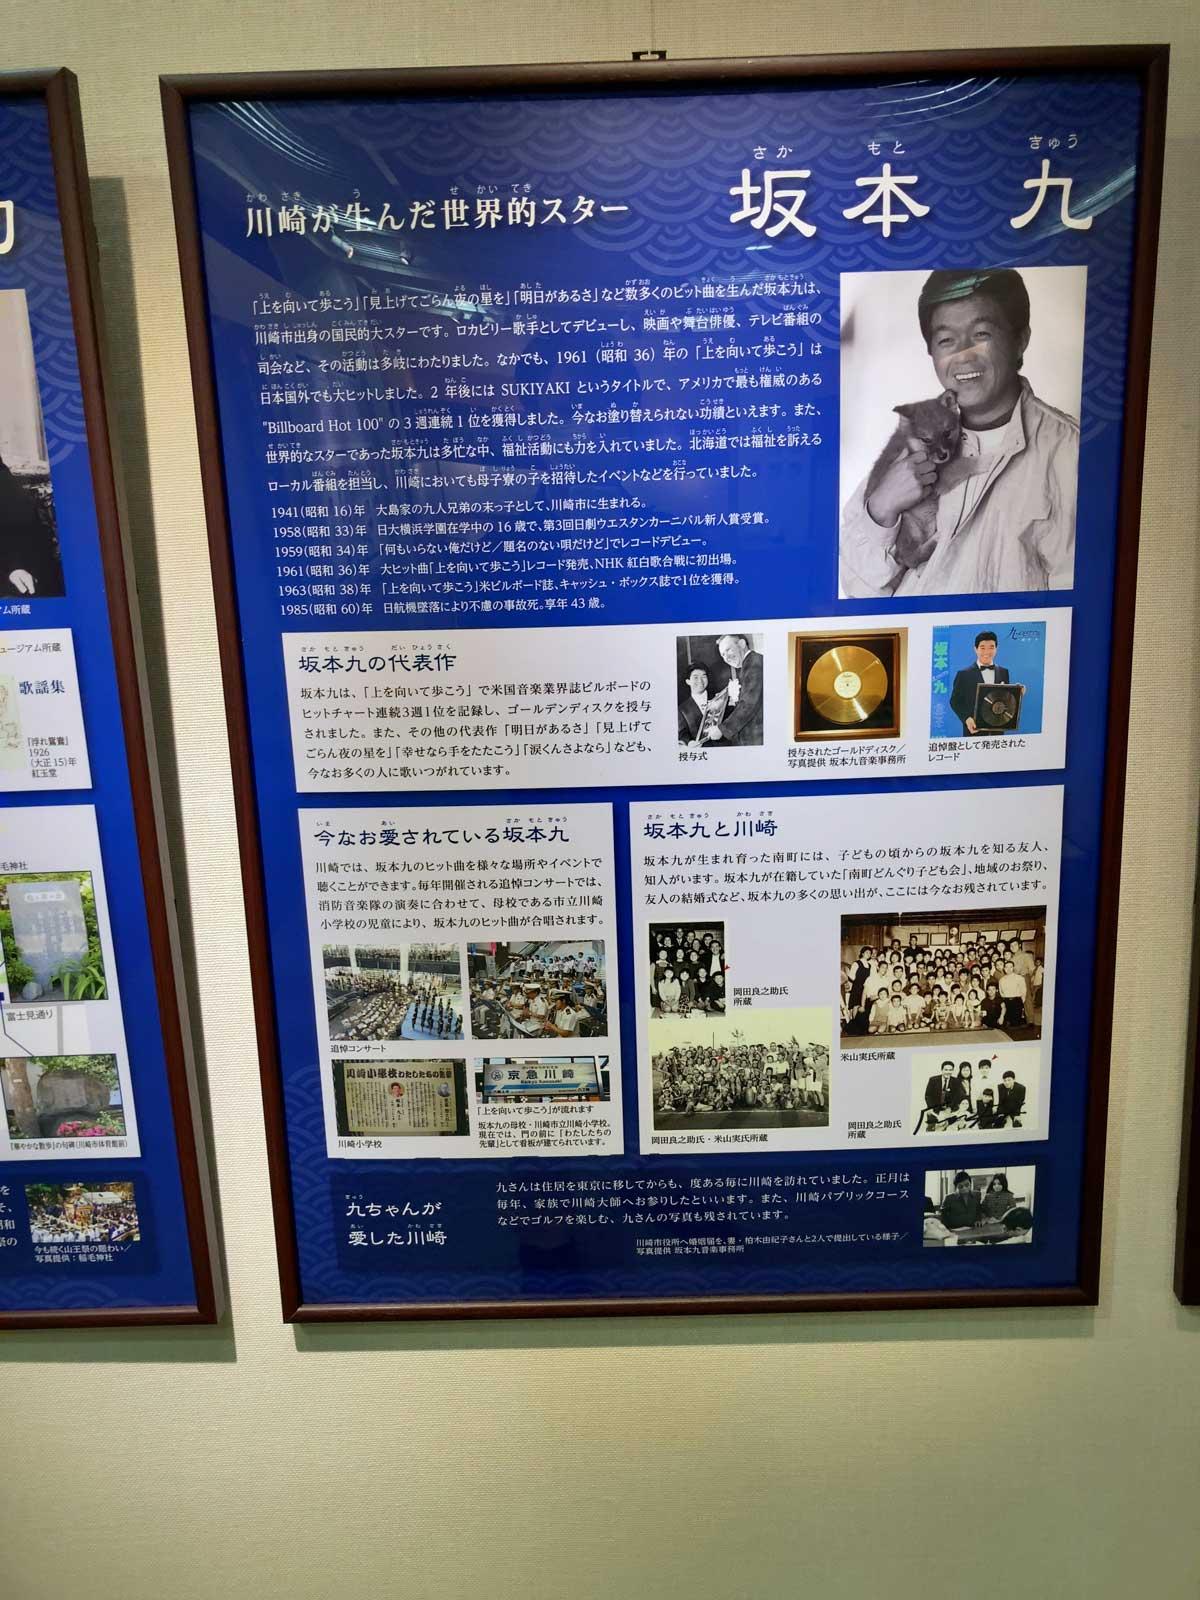 坂本九さんは川崎出身だったんですね。知りませんでした。